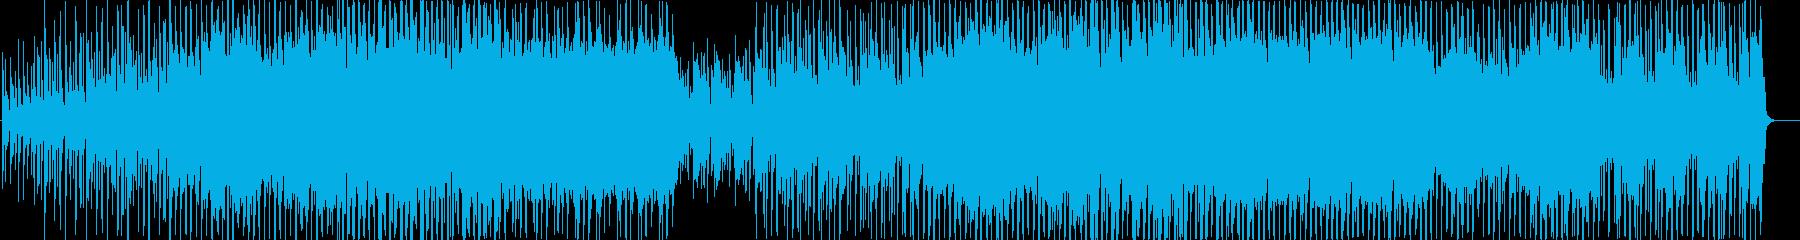 ヘヴィロック 楽しげ エキゾチック...の再生済みの波形